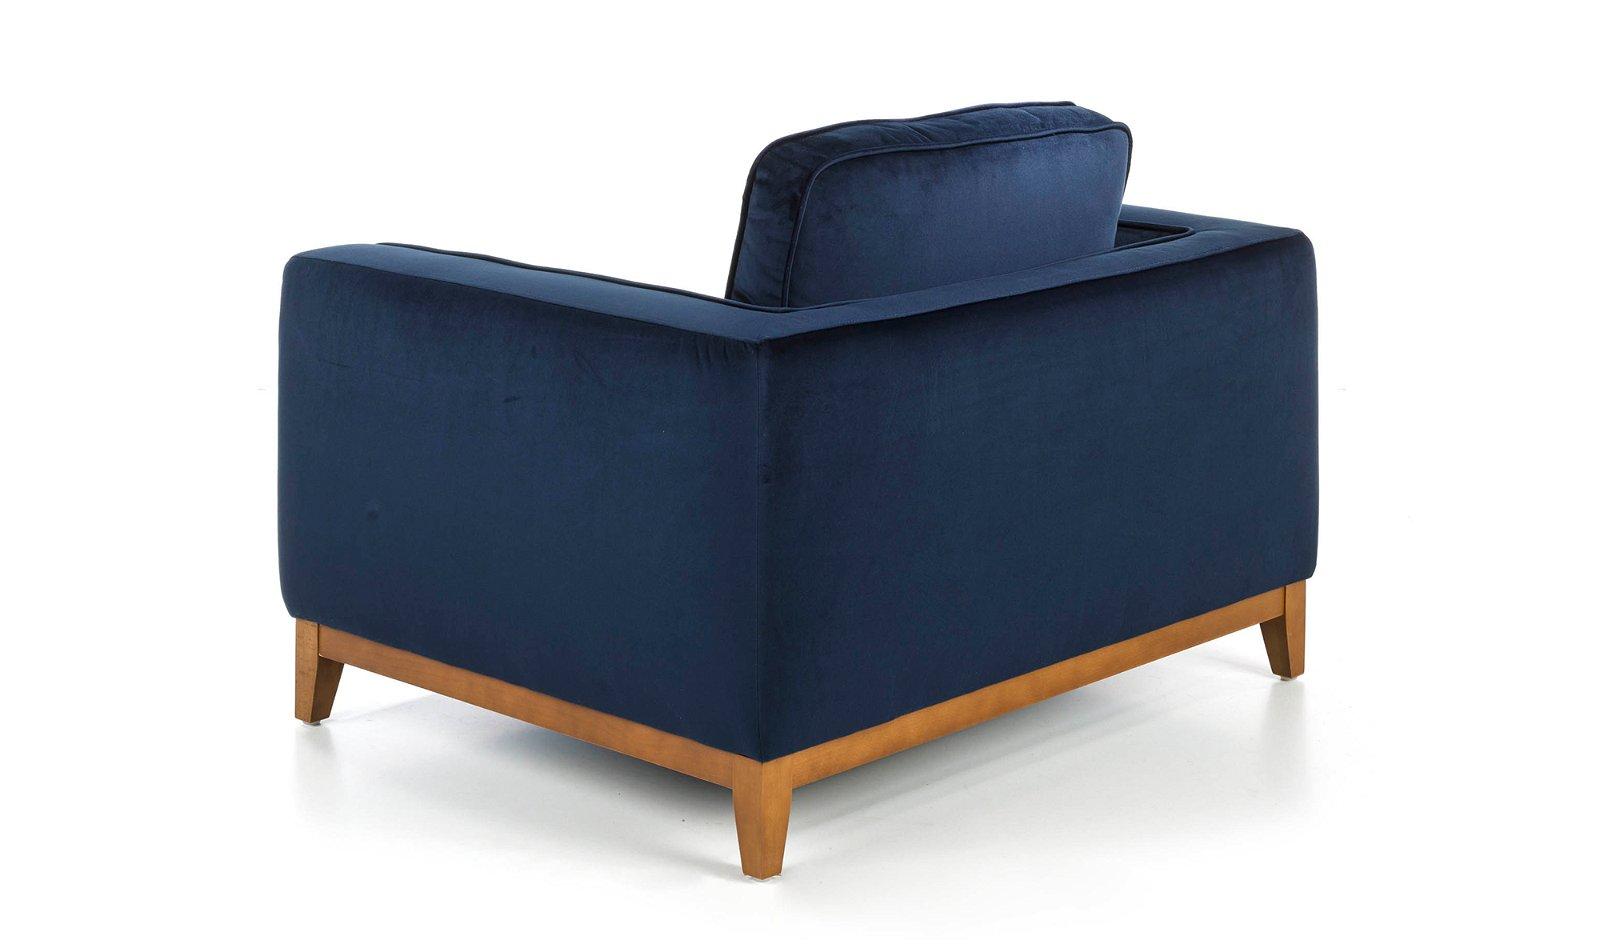 Butaca moderna nogal y tapizada Nivolet